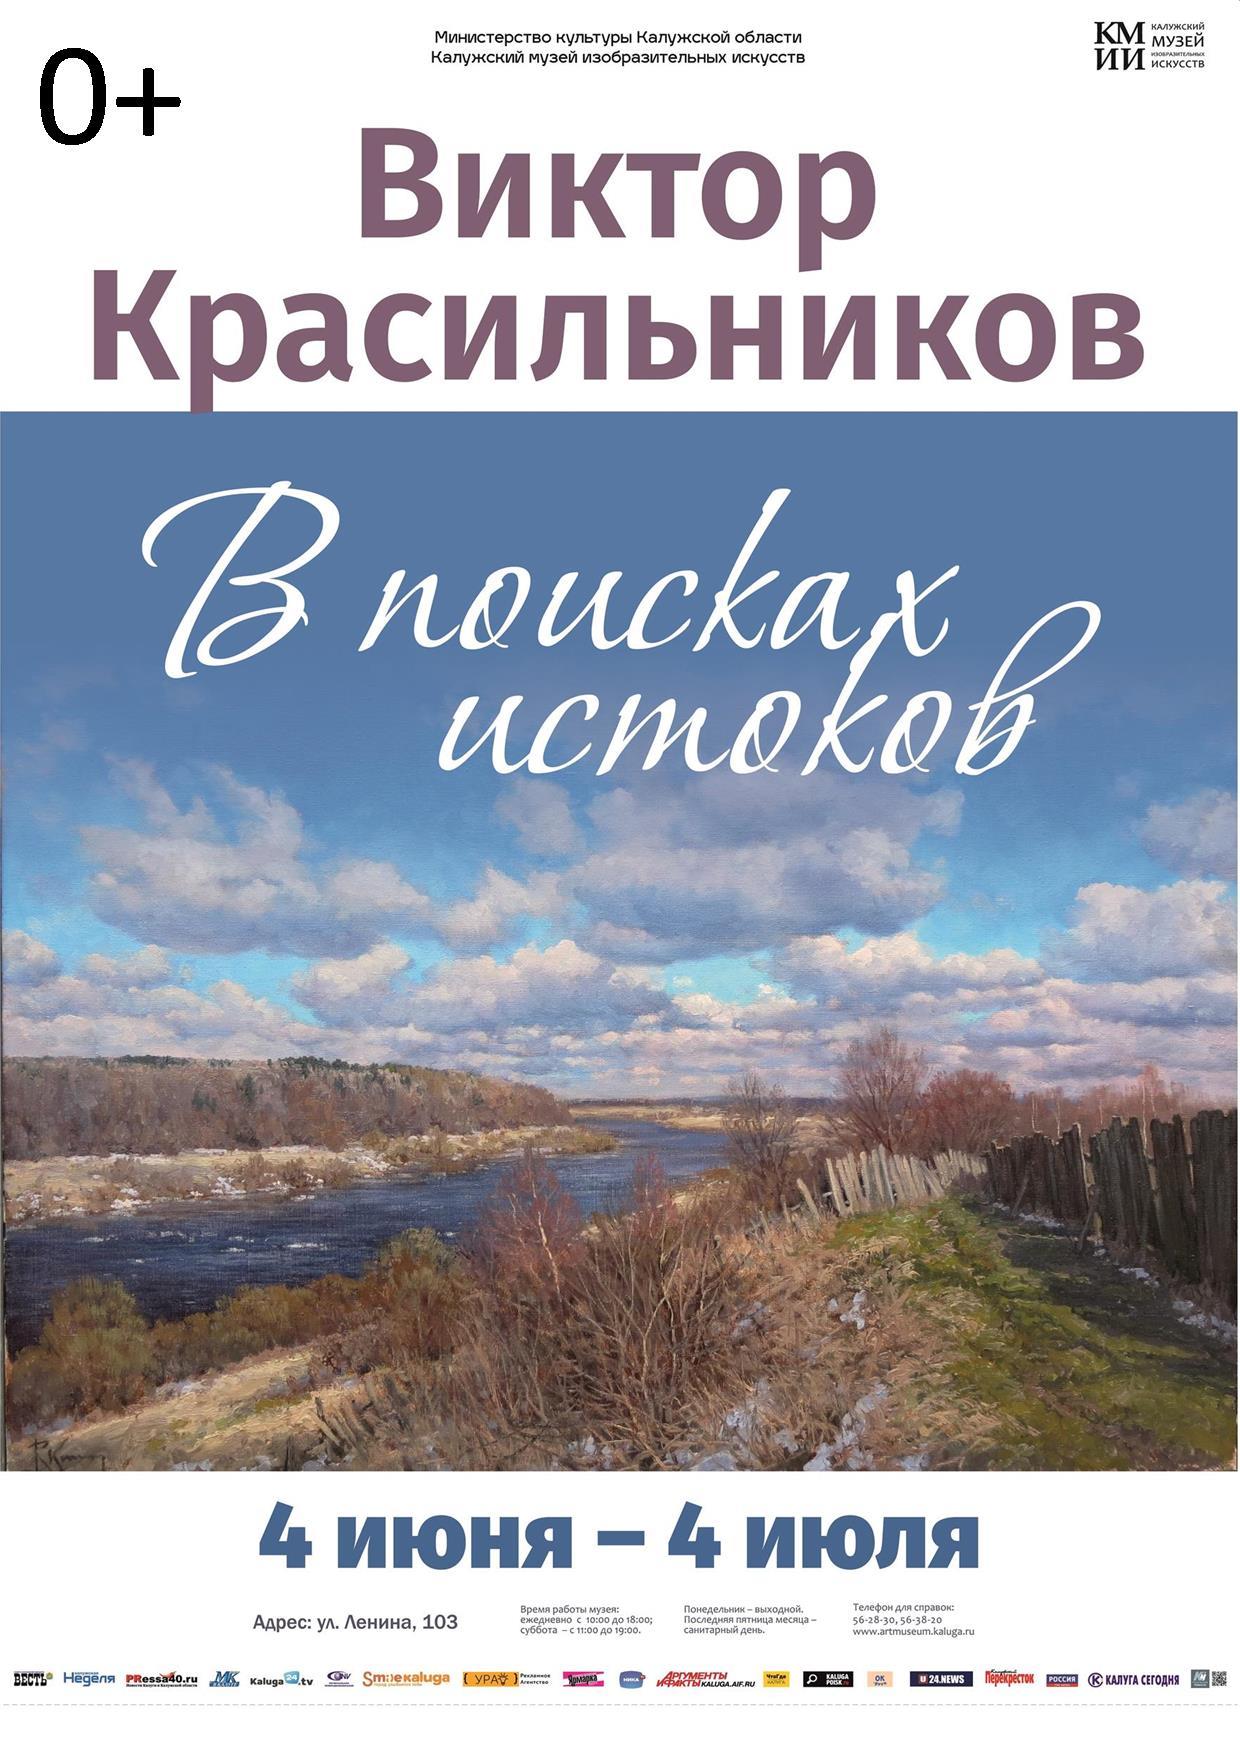 Выставка Виктора Красильникова «В поисках истоков»